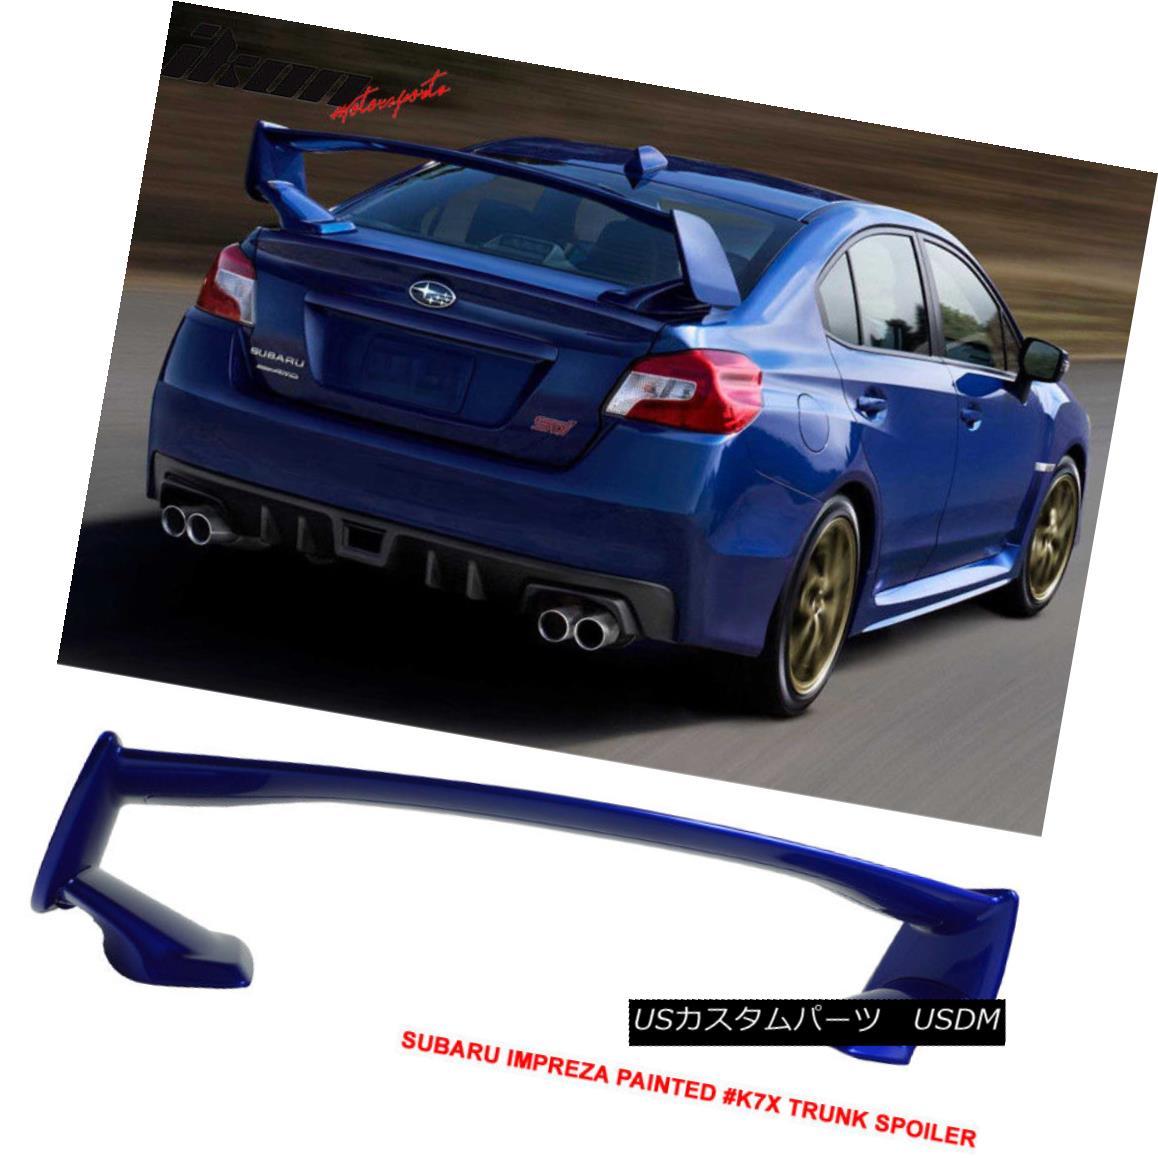 エアロパーツ For 15-18 Subaru WRX STI OE Style Painted K7X Wr Blue Pearl Trunk Spoiler Wing 15-18スバルWRX STI OEスタイル塗装済み#K7X Wrブルーパールトラン